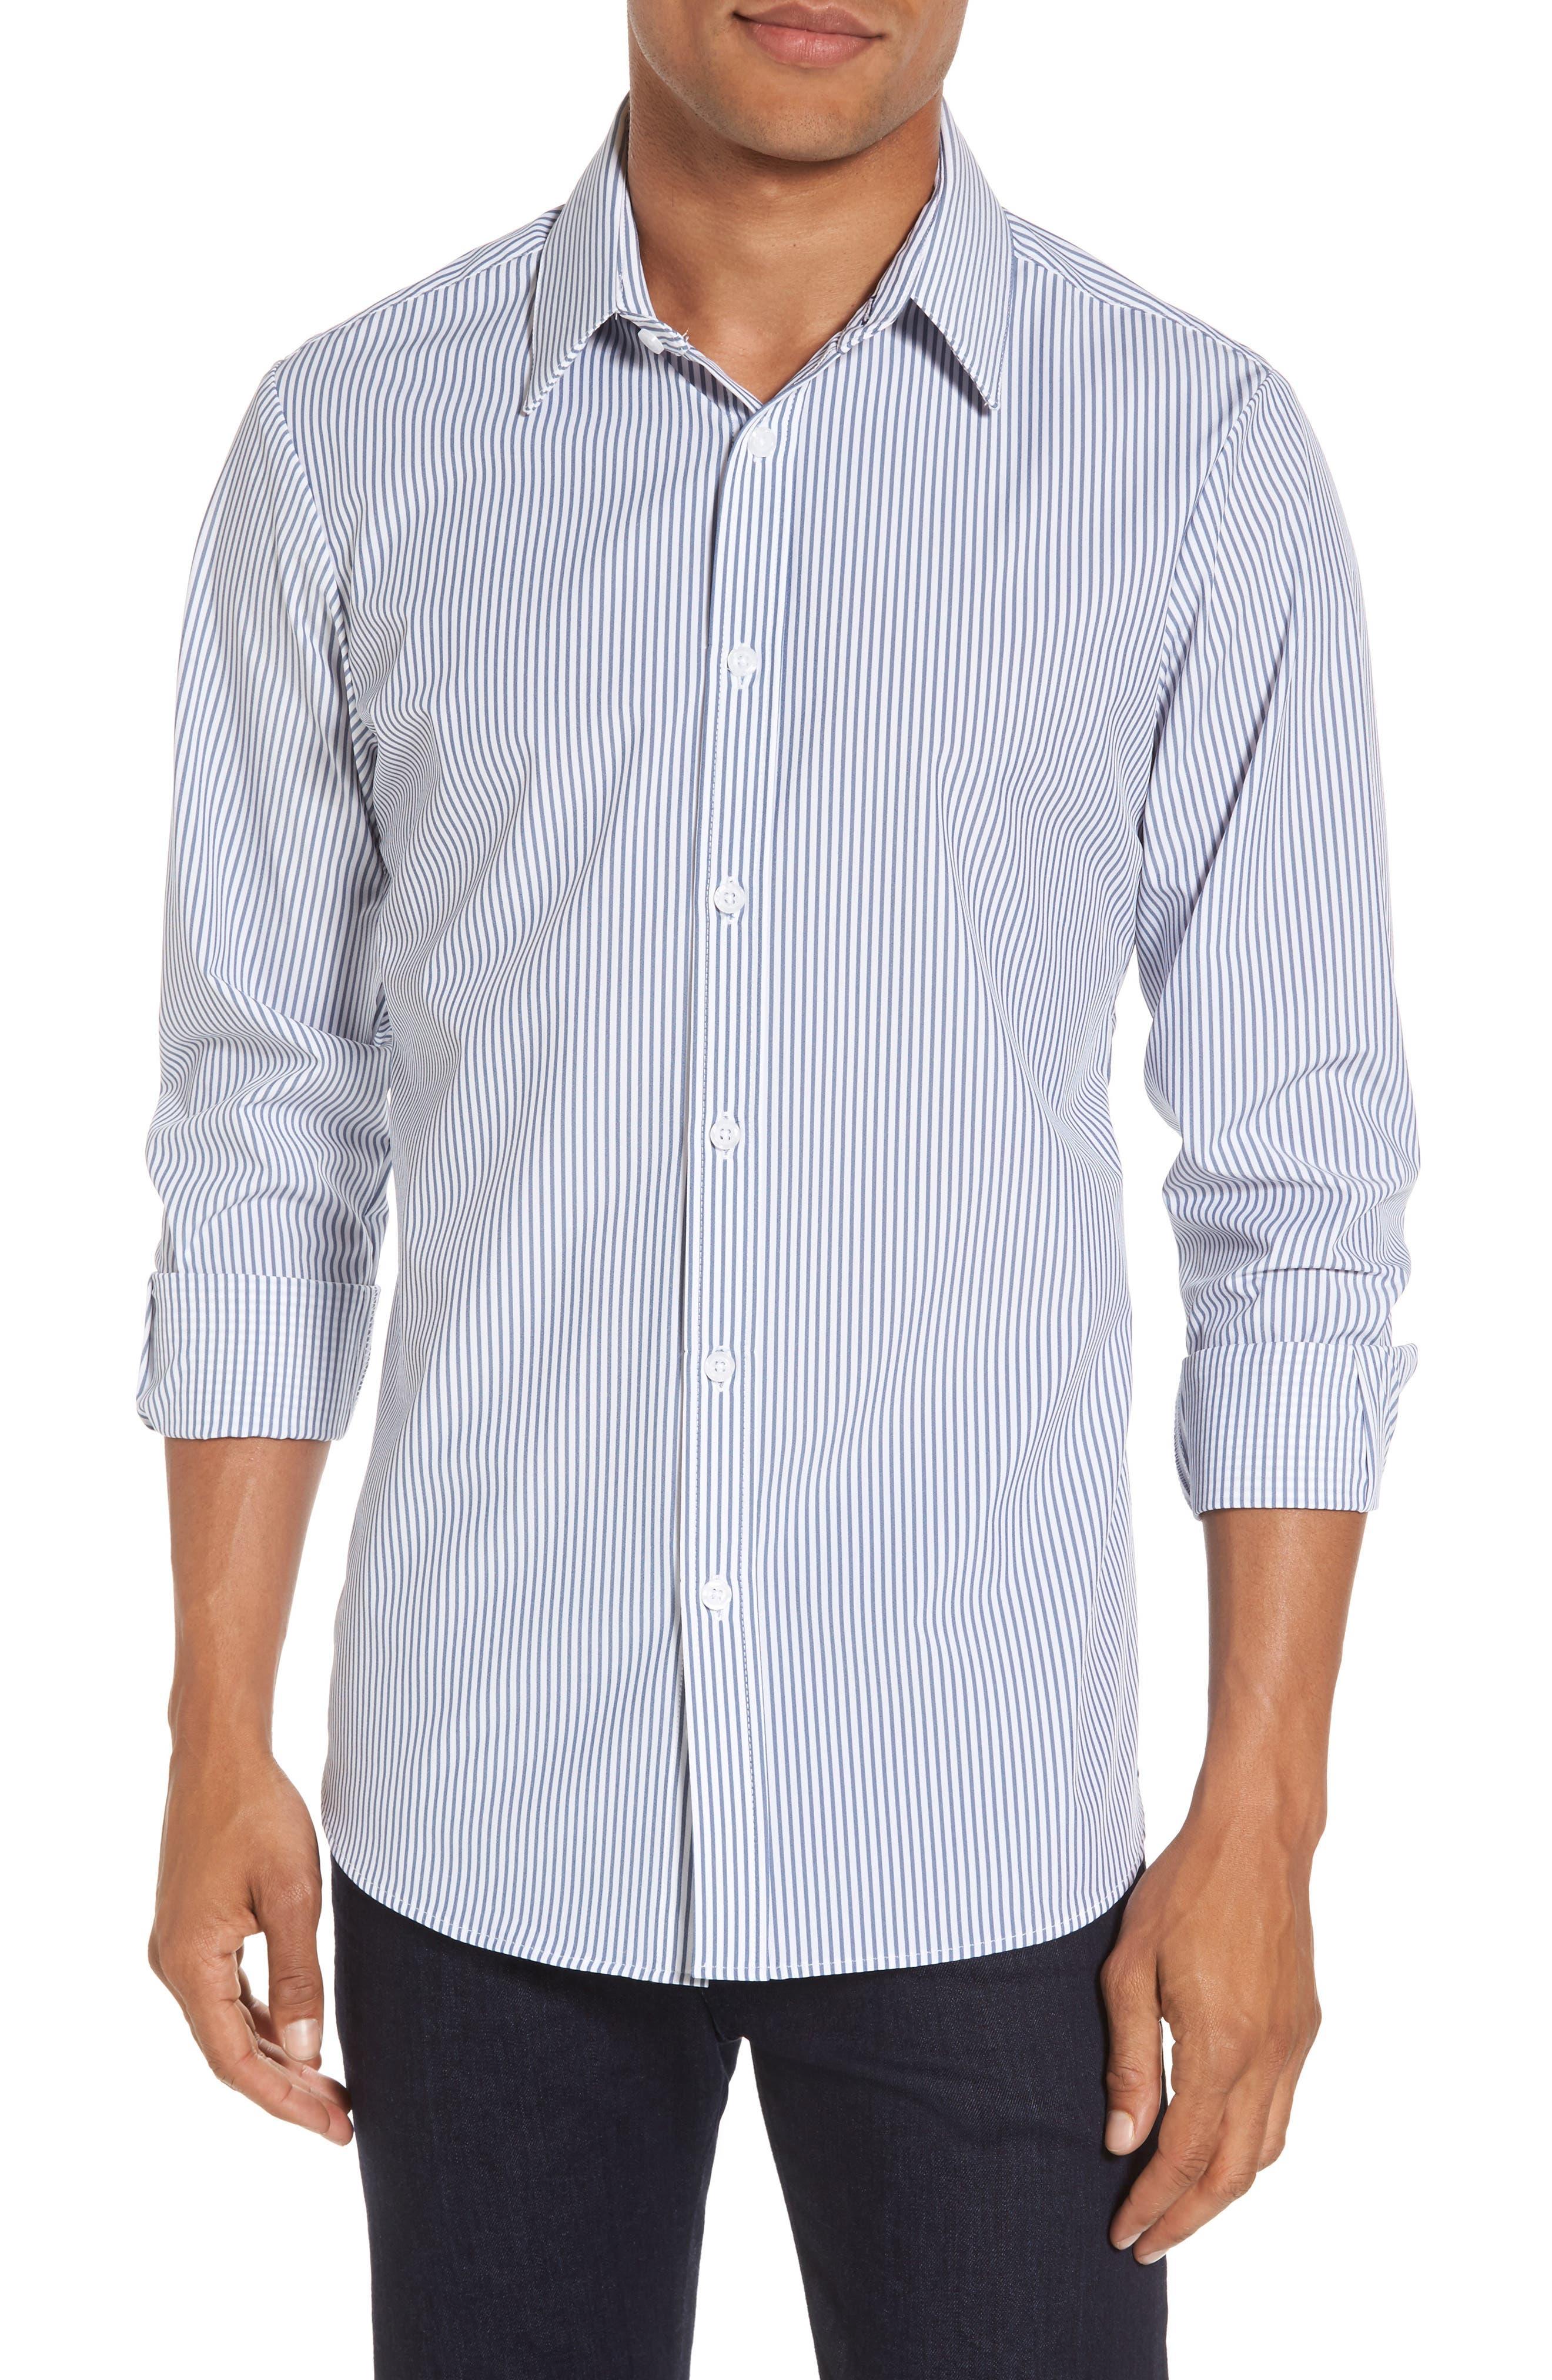 MIZZEN+MAIN Blue Label Wilkes Stripe Performance Sport Shirt, Main, color, BLUE